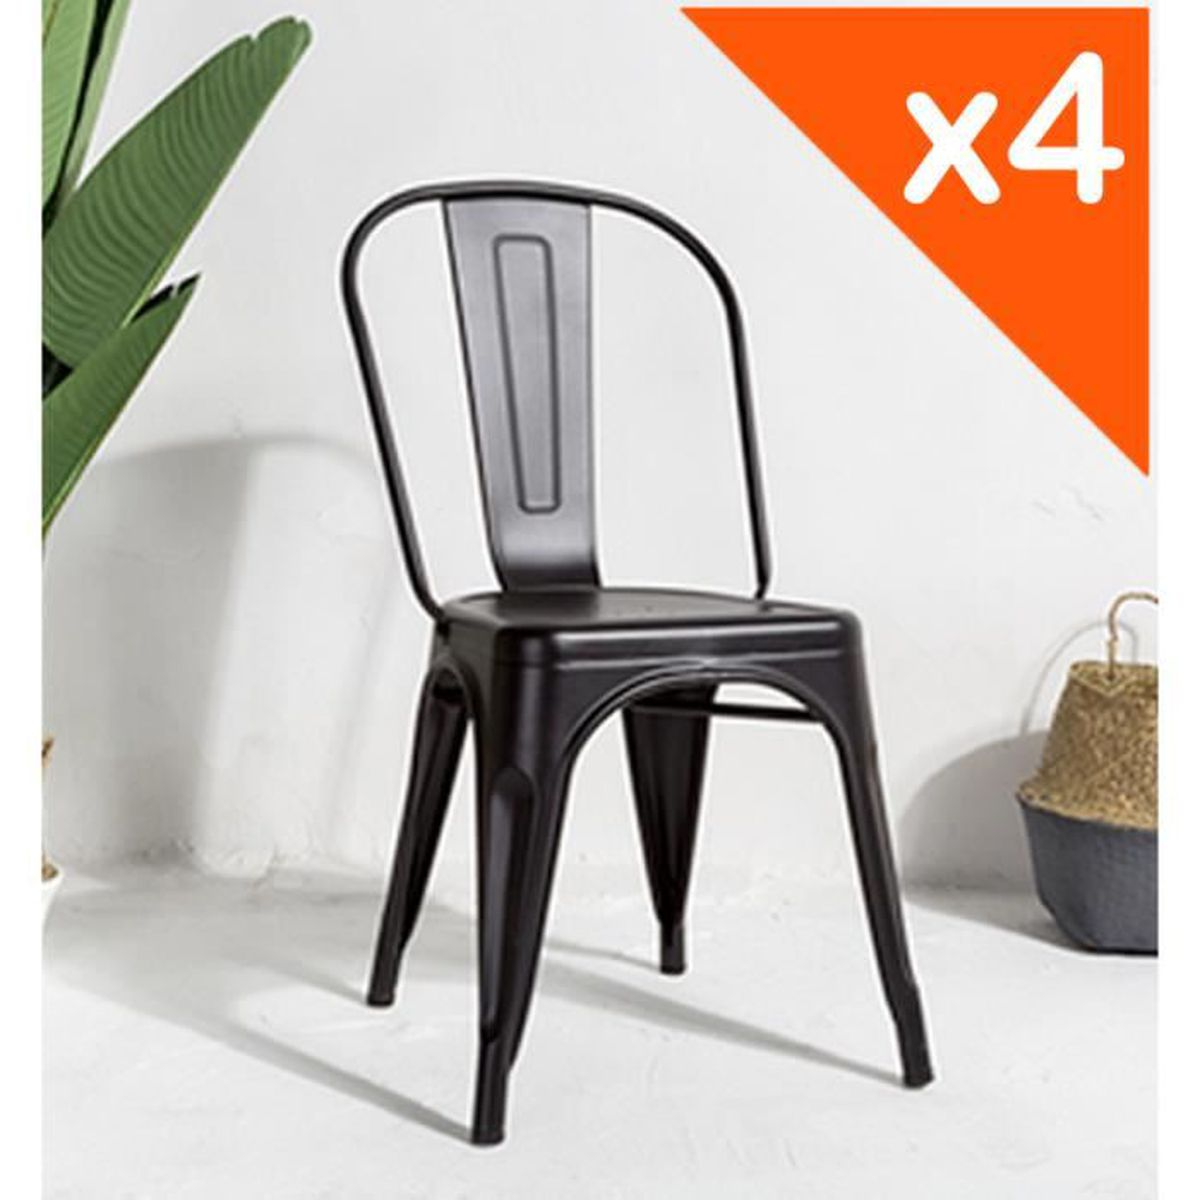 CHAISE KOSMI.FR Lot de 4 chaises FACTORY en métal noir ma